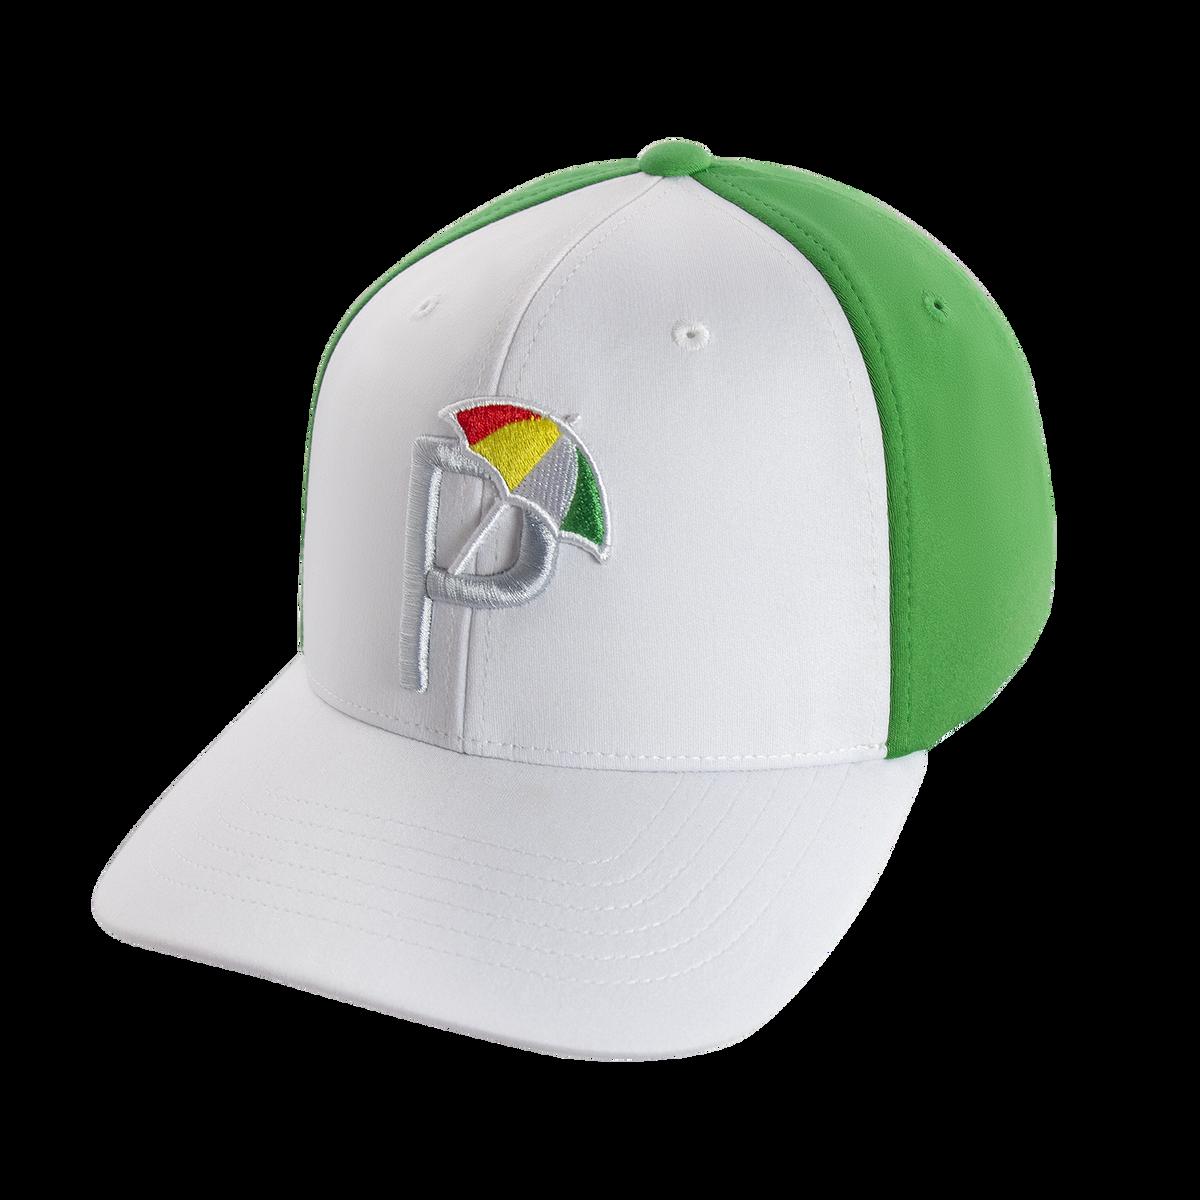 de01ec3b999 Images. P 110 Snapback Hat API